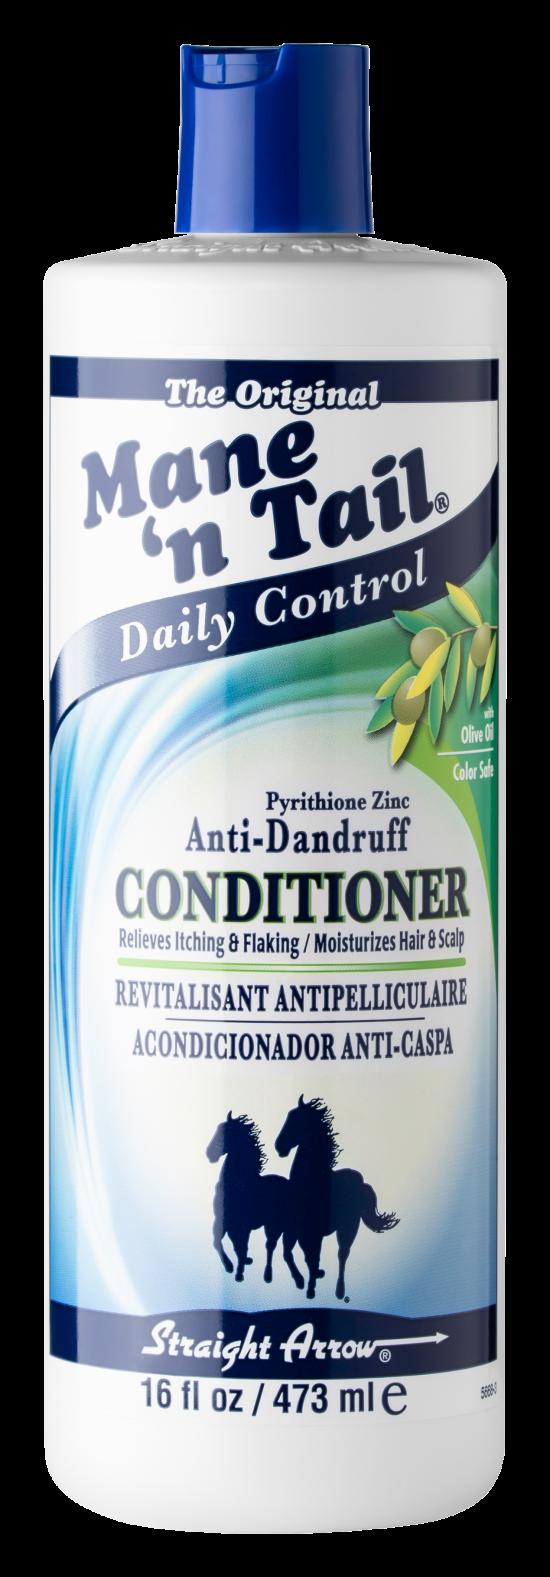 Daily Control Anti-Dandruff Conditioner